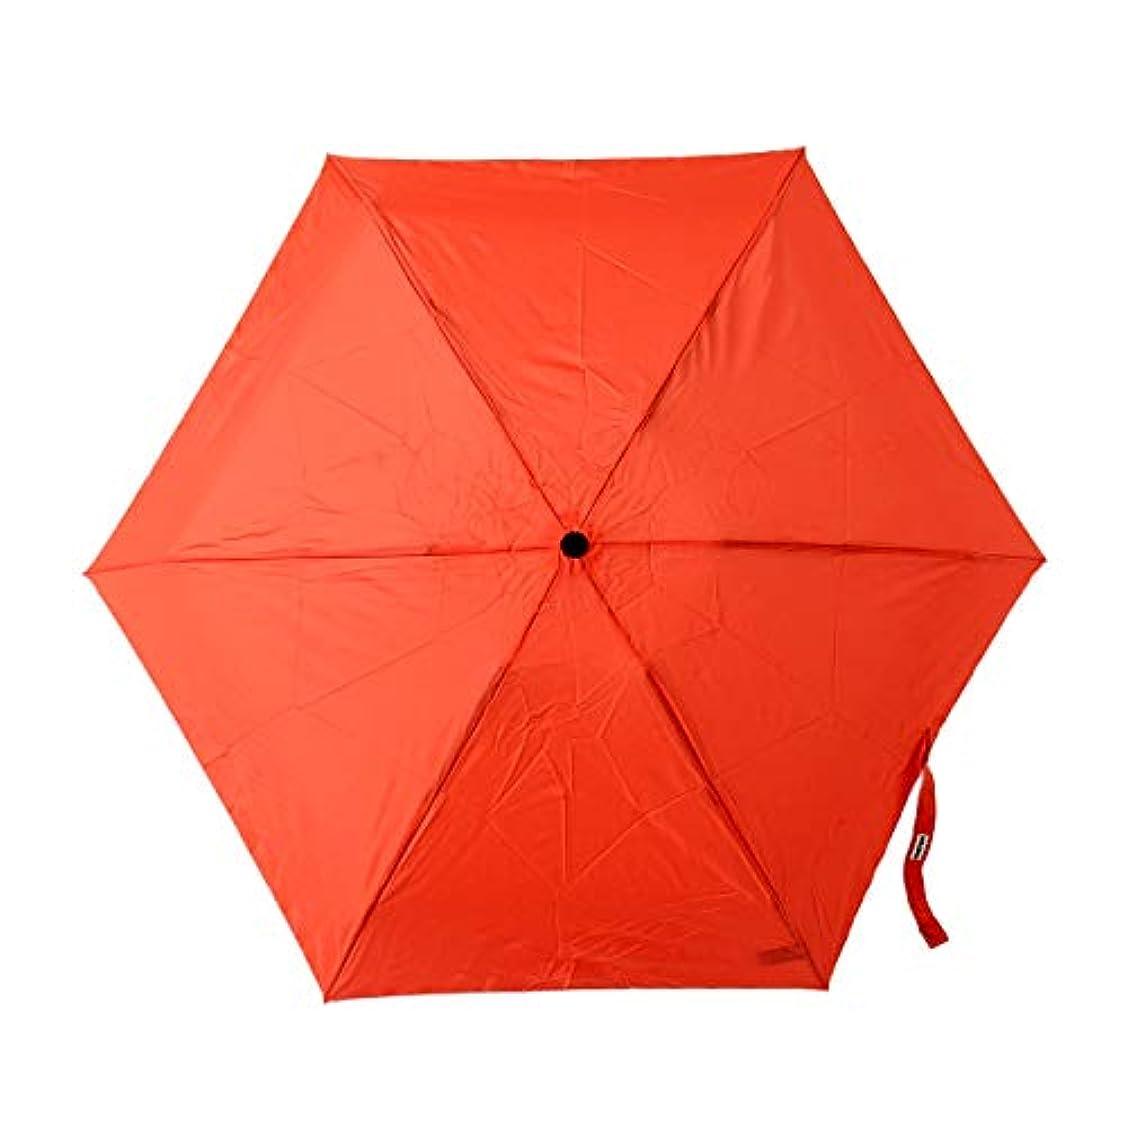 賞賛する欲望方程式ハンター HUNTER ORIGINAL MINI COMPACT UMBRELLA 折り畳み傘 コンパクトアンブレラ ?WAU6009UPN レディース